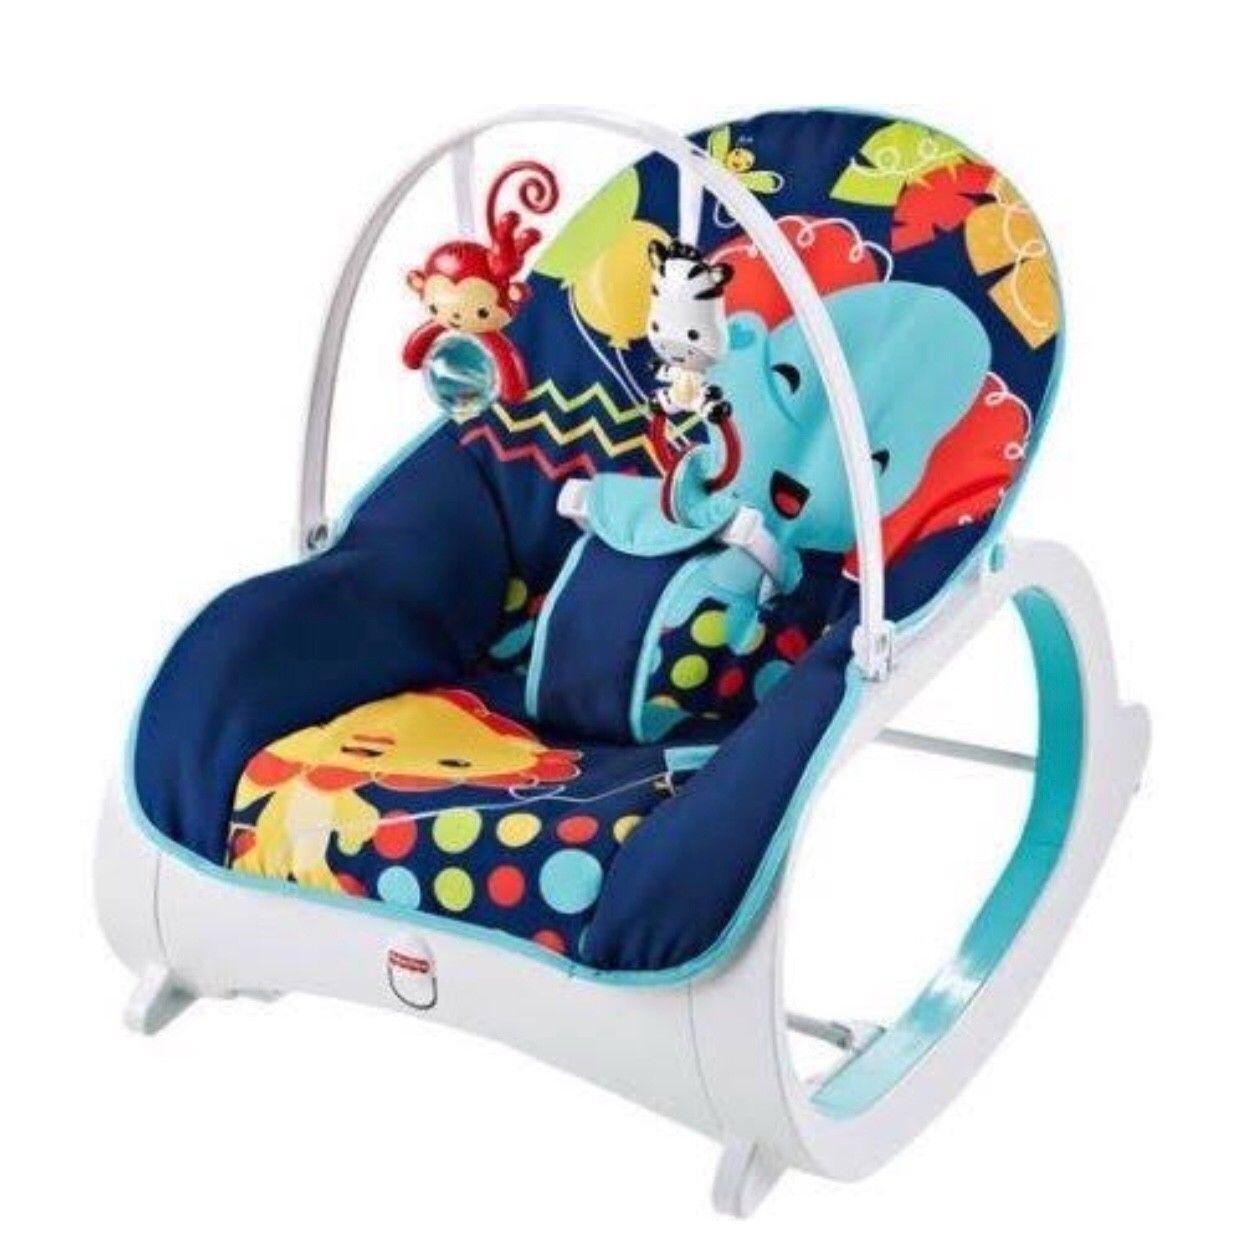 Fisher Price Newborn 2 Toddler Infant Child Chair Bouncer Rocker Midnight Navy Baby Rocker Fisher Price Baby Baby Bouncer